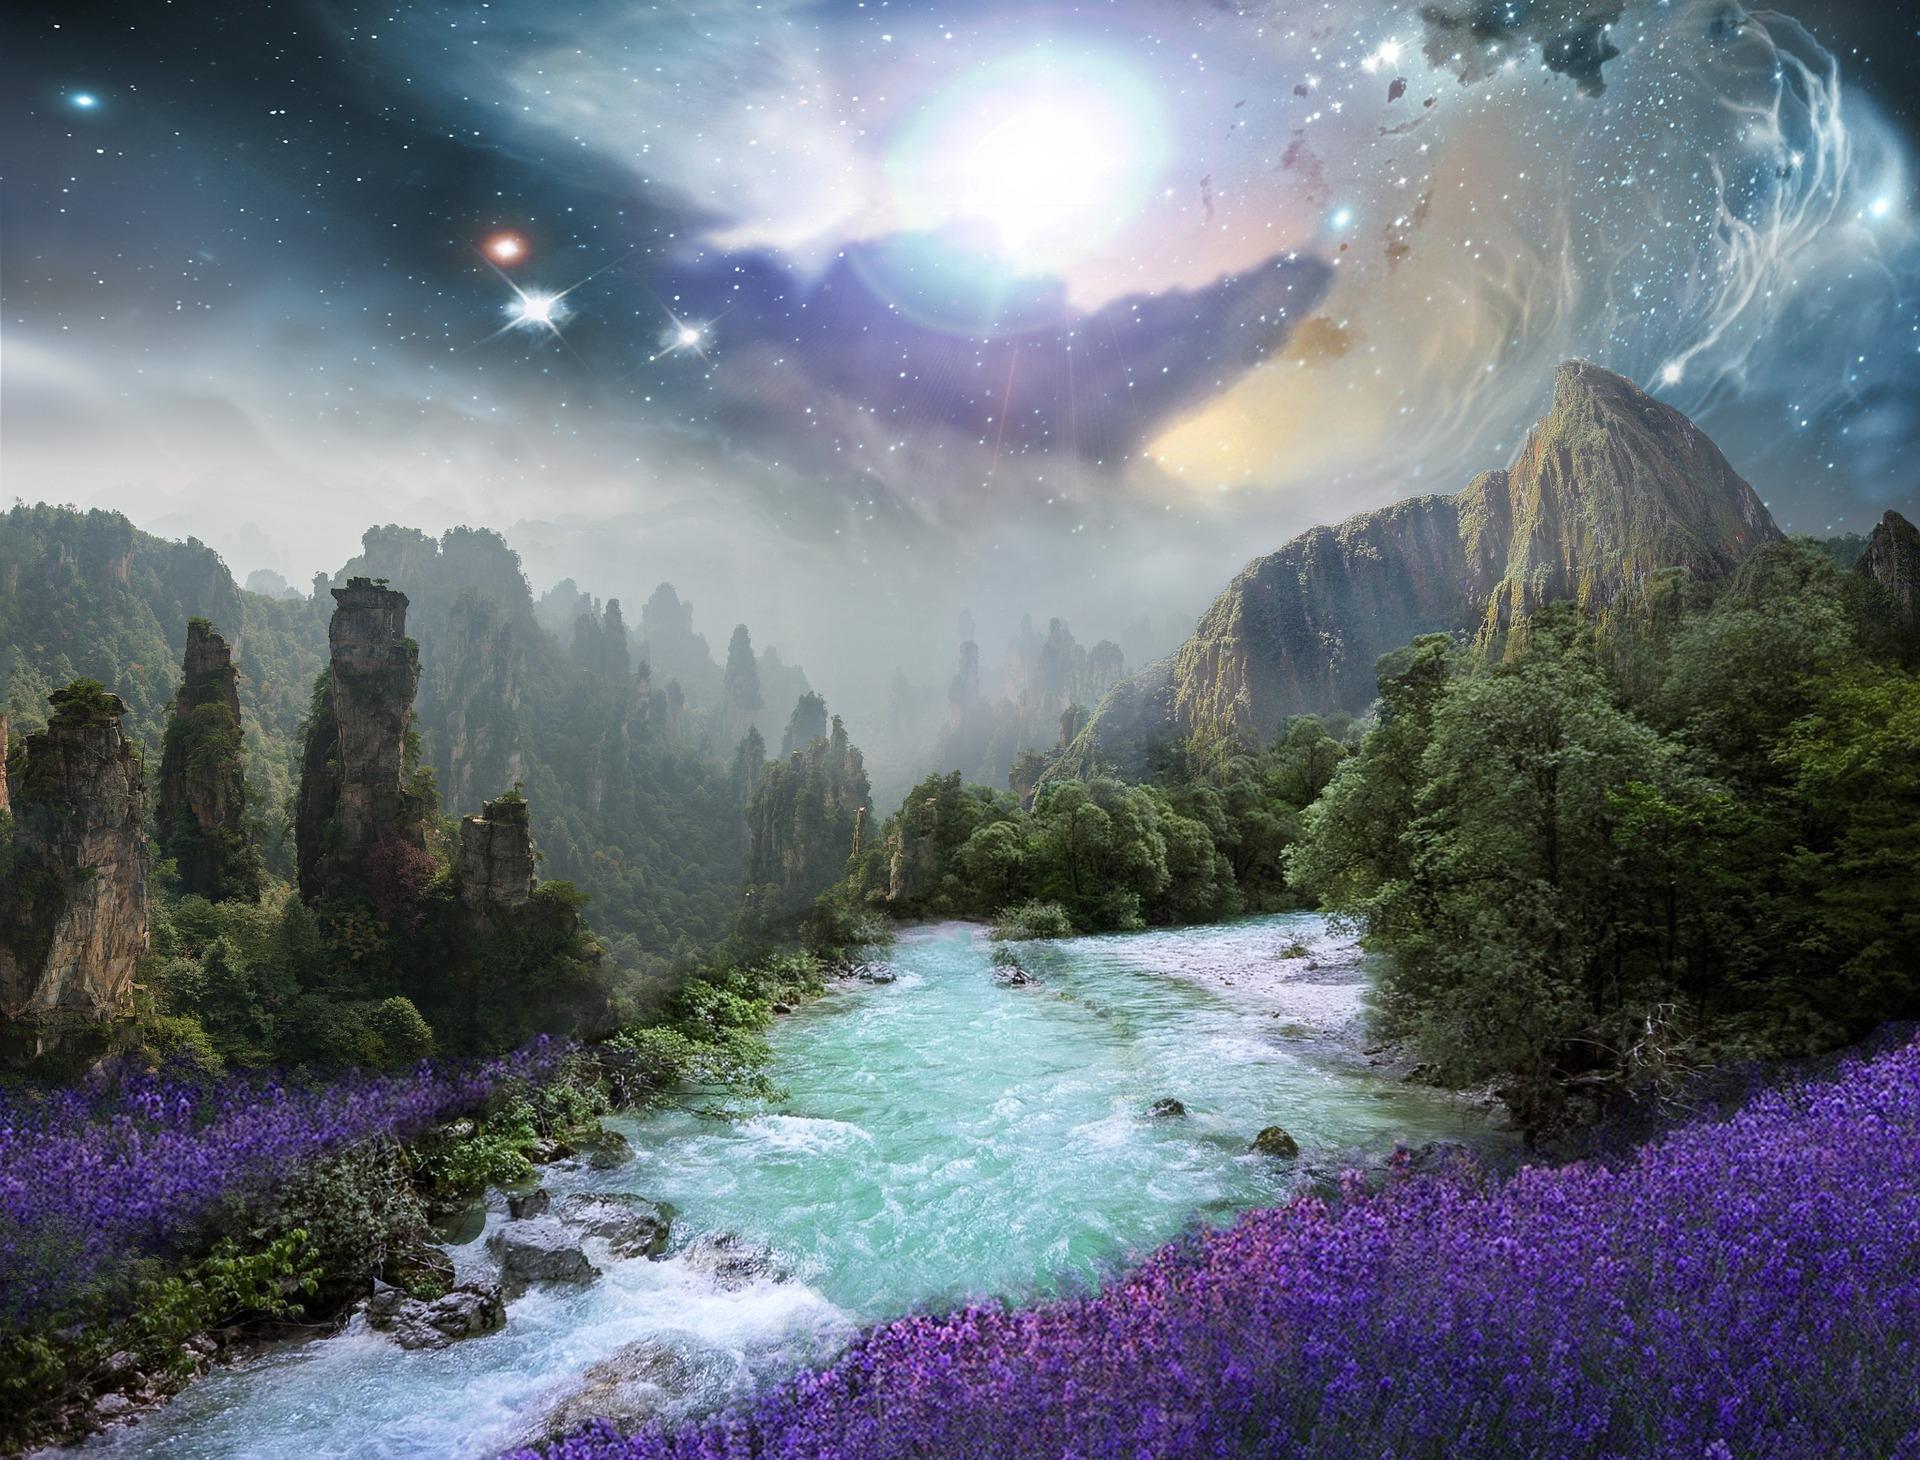 fantasy-landscape-1481184_1920